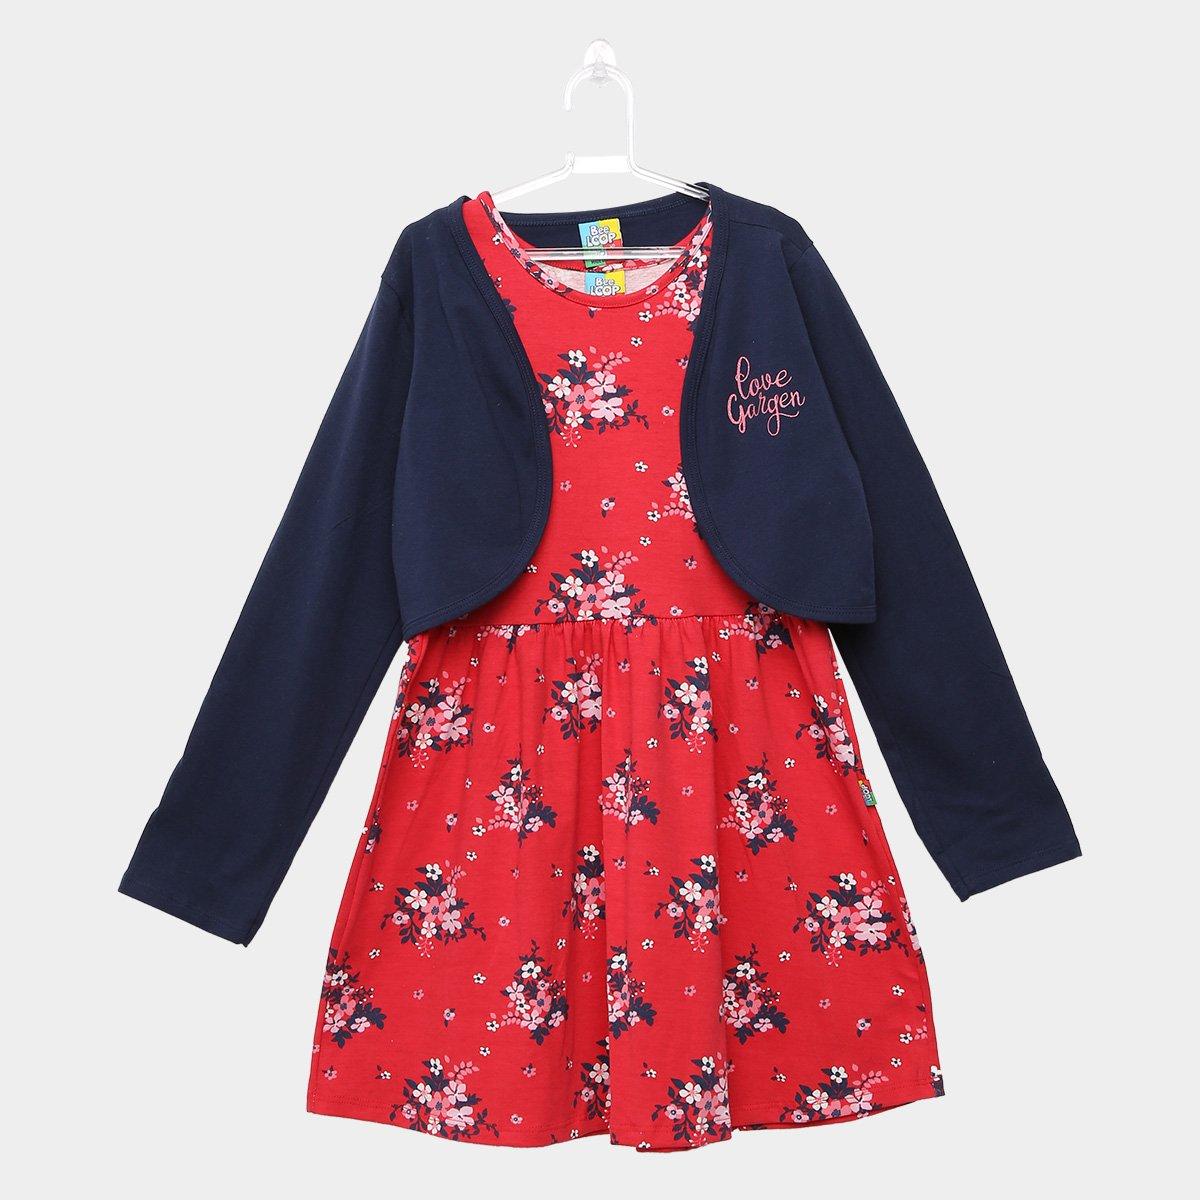 0b68ca792a Vestido Infantil Bee Loop Estampa Floral Bolero